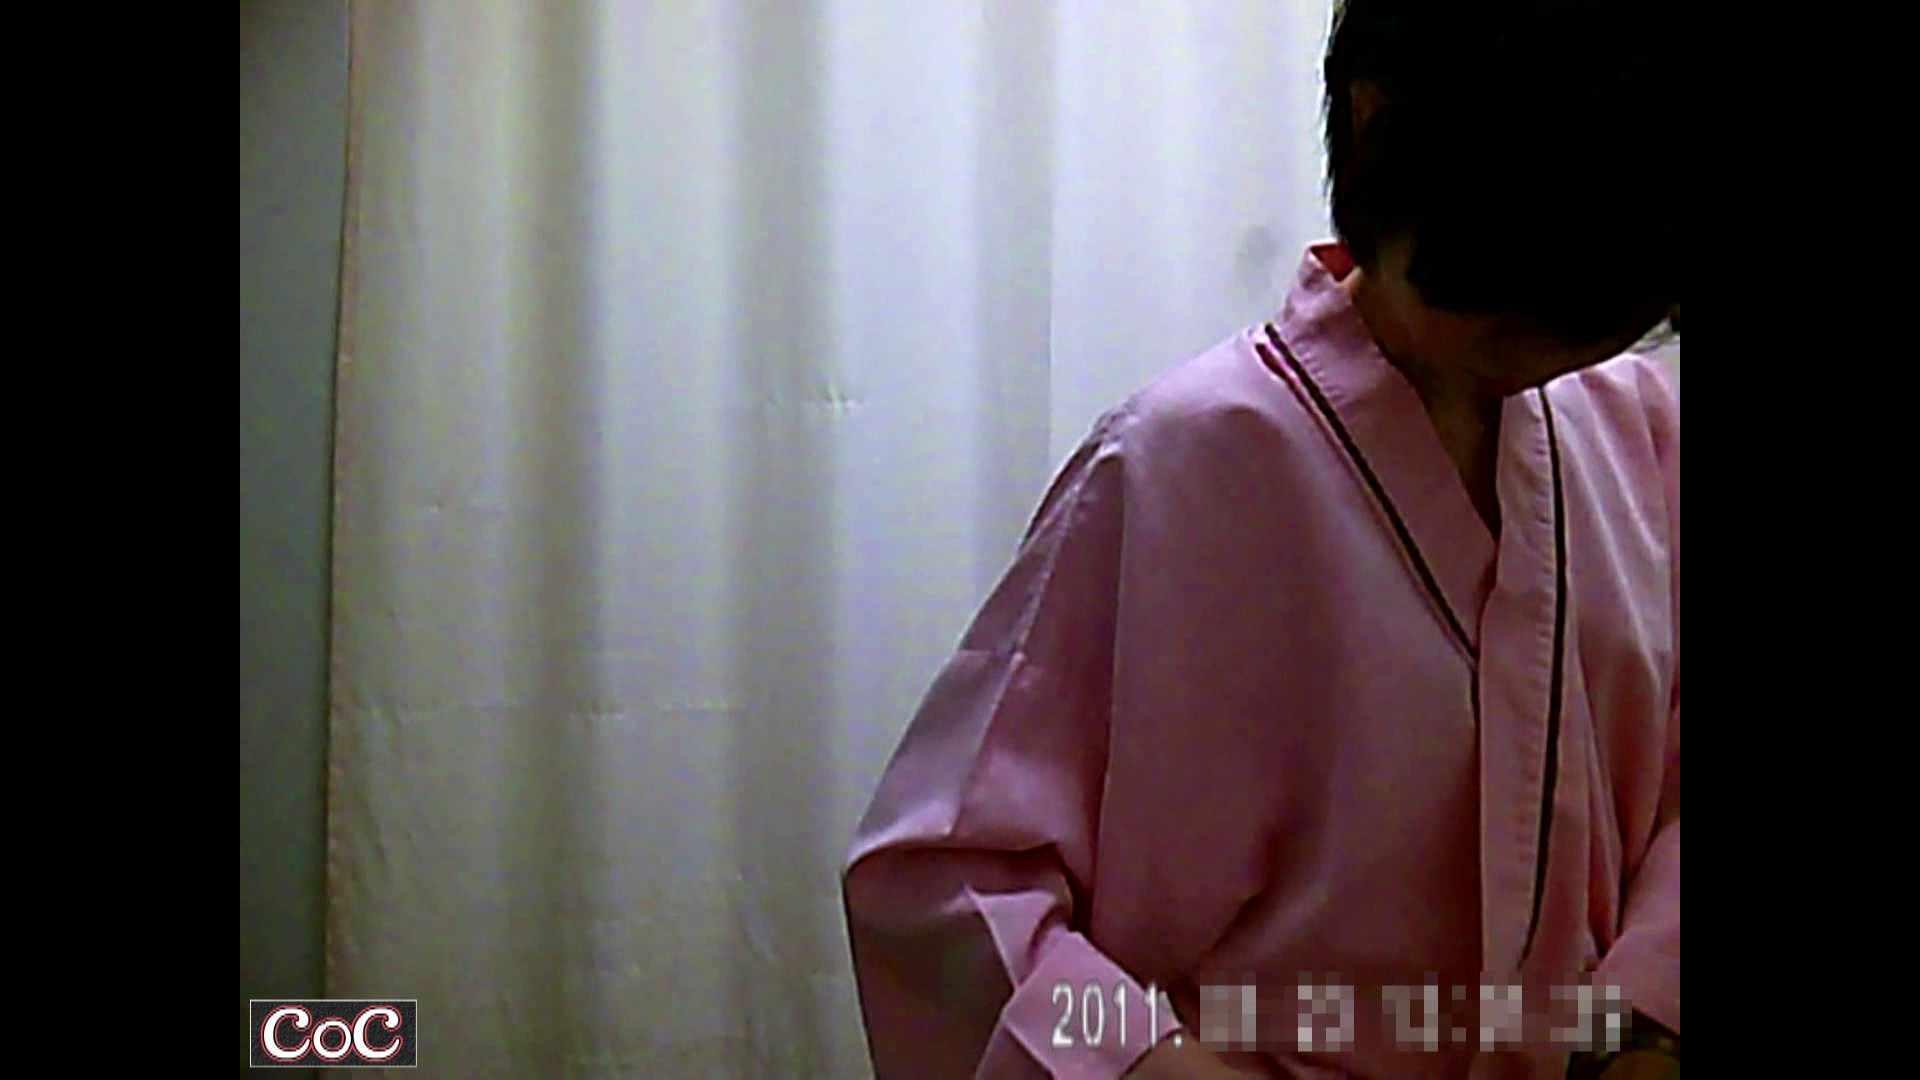 病院おもいっきり着替え! vol.17 独身エッチOL   綺麗なおっぱい  92pic 60